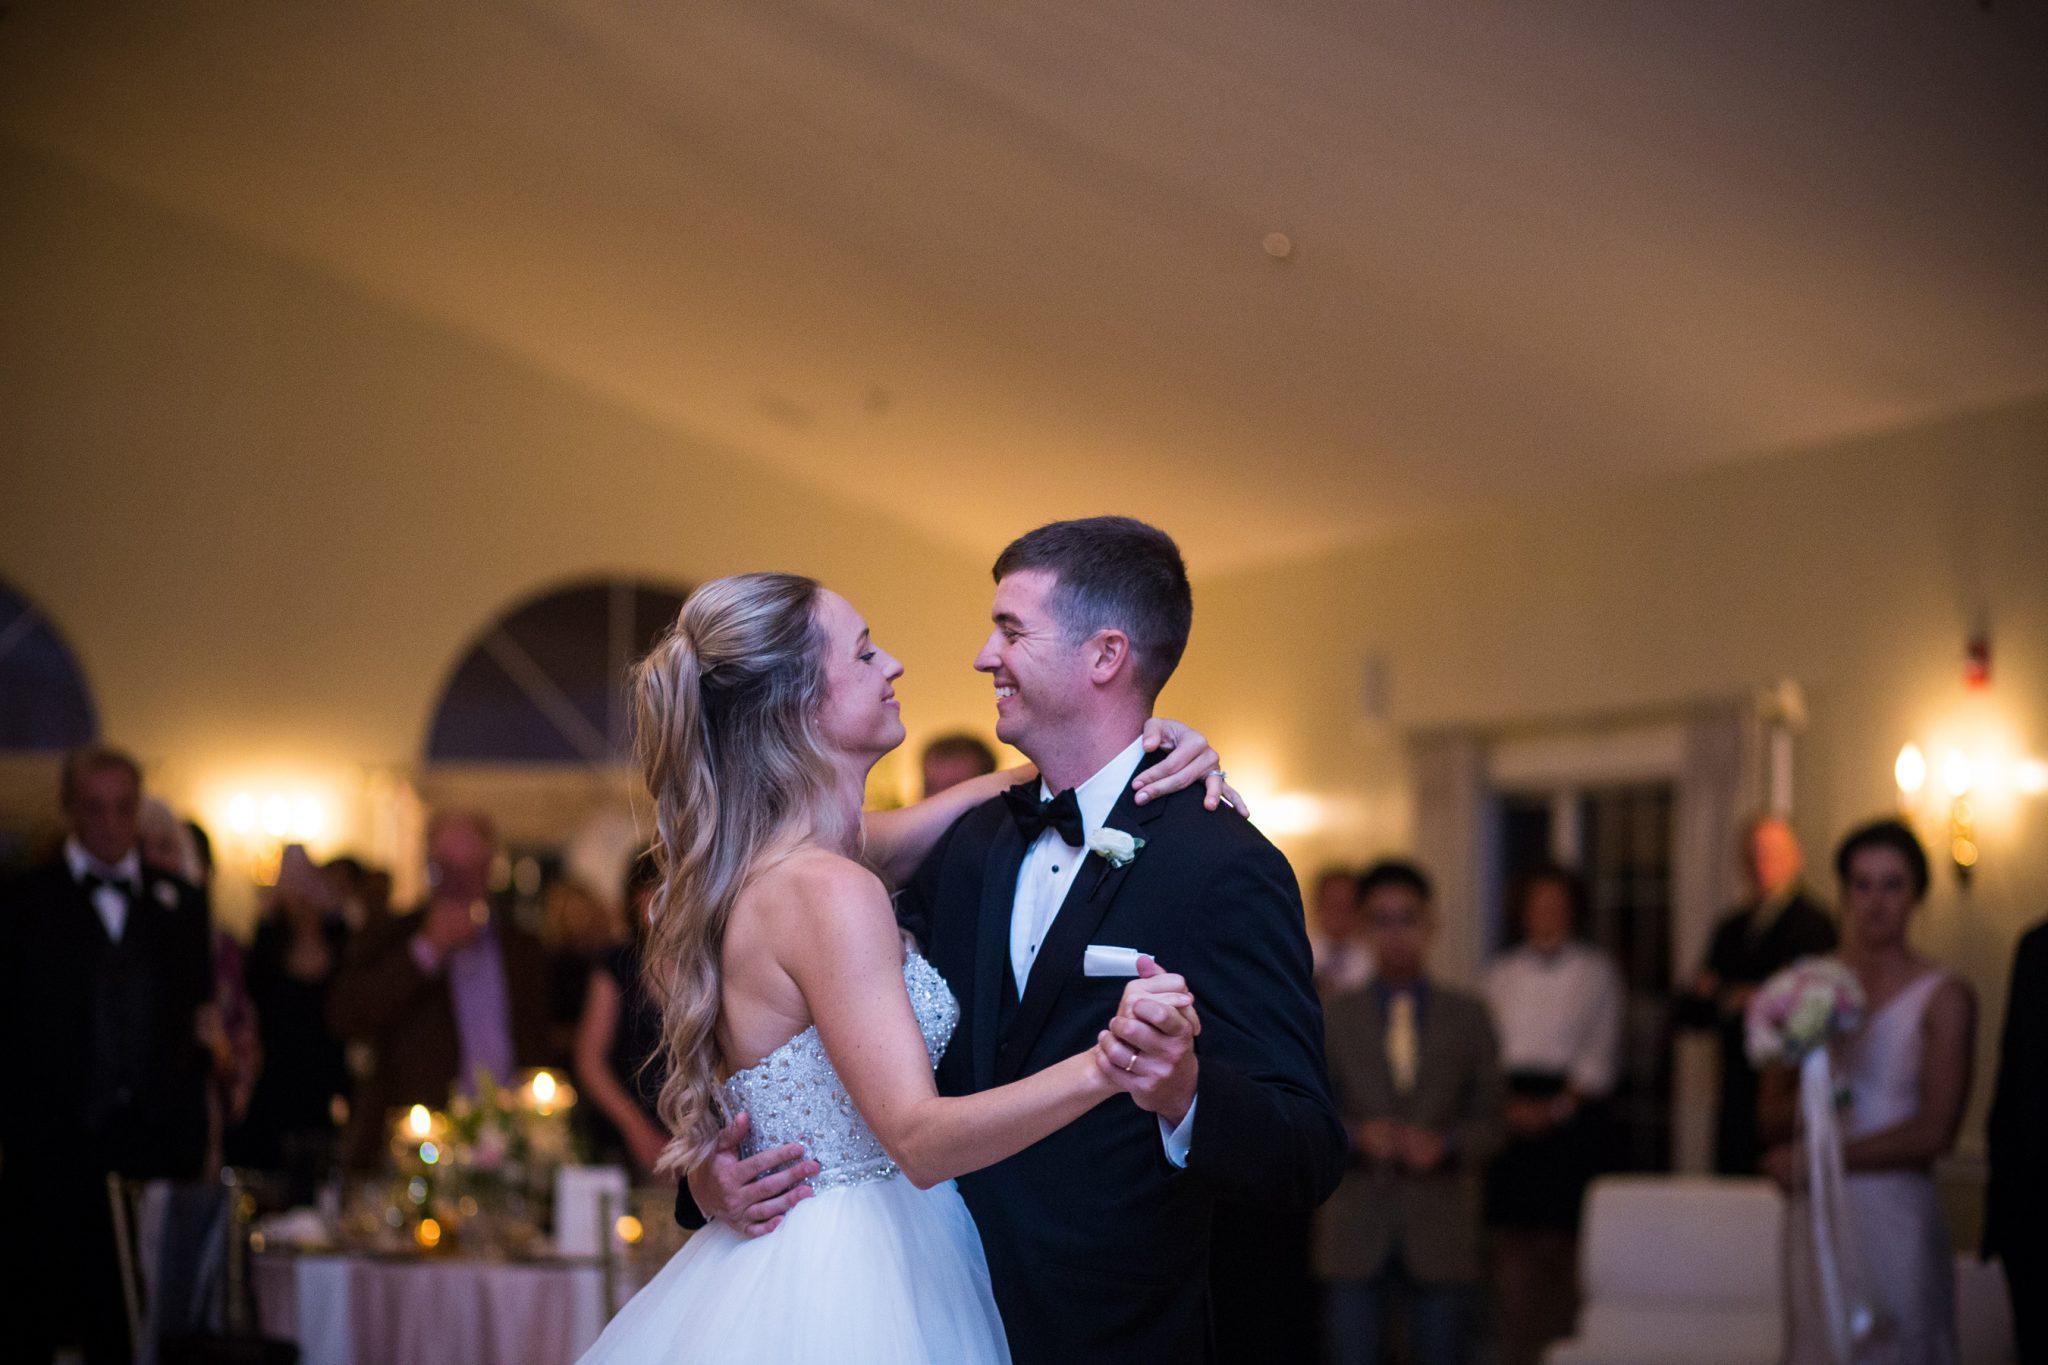 Dunegrass wedding photographers - first dance